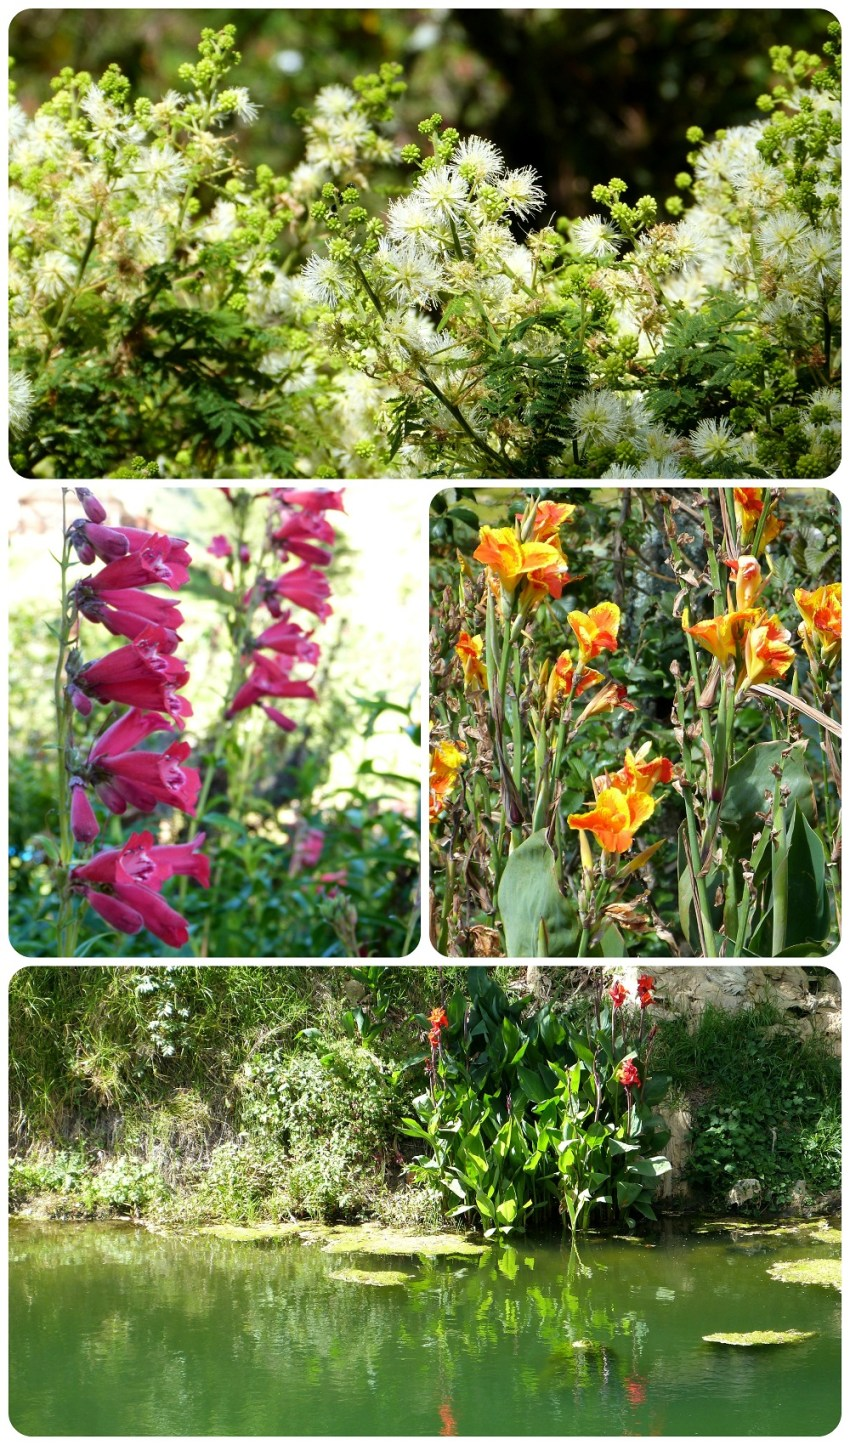 Flores y plantas en Aguas Tibias de Coconuco